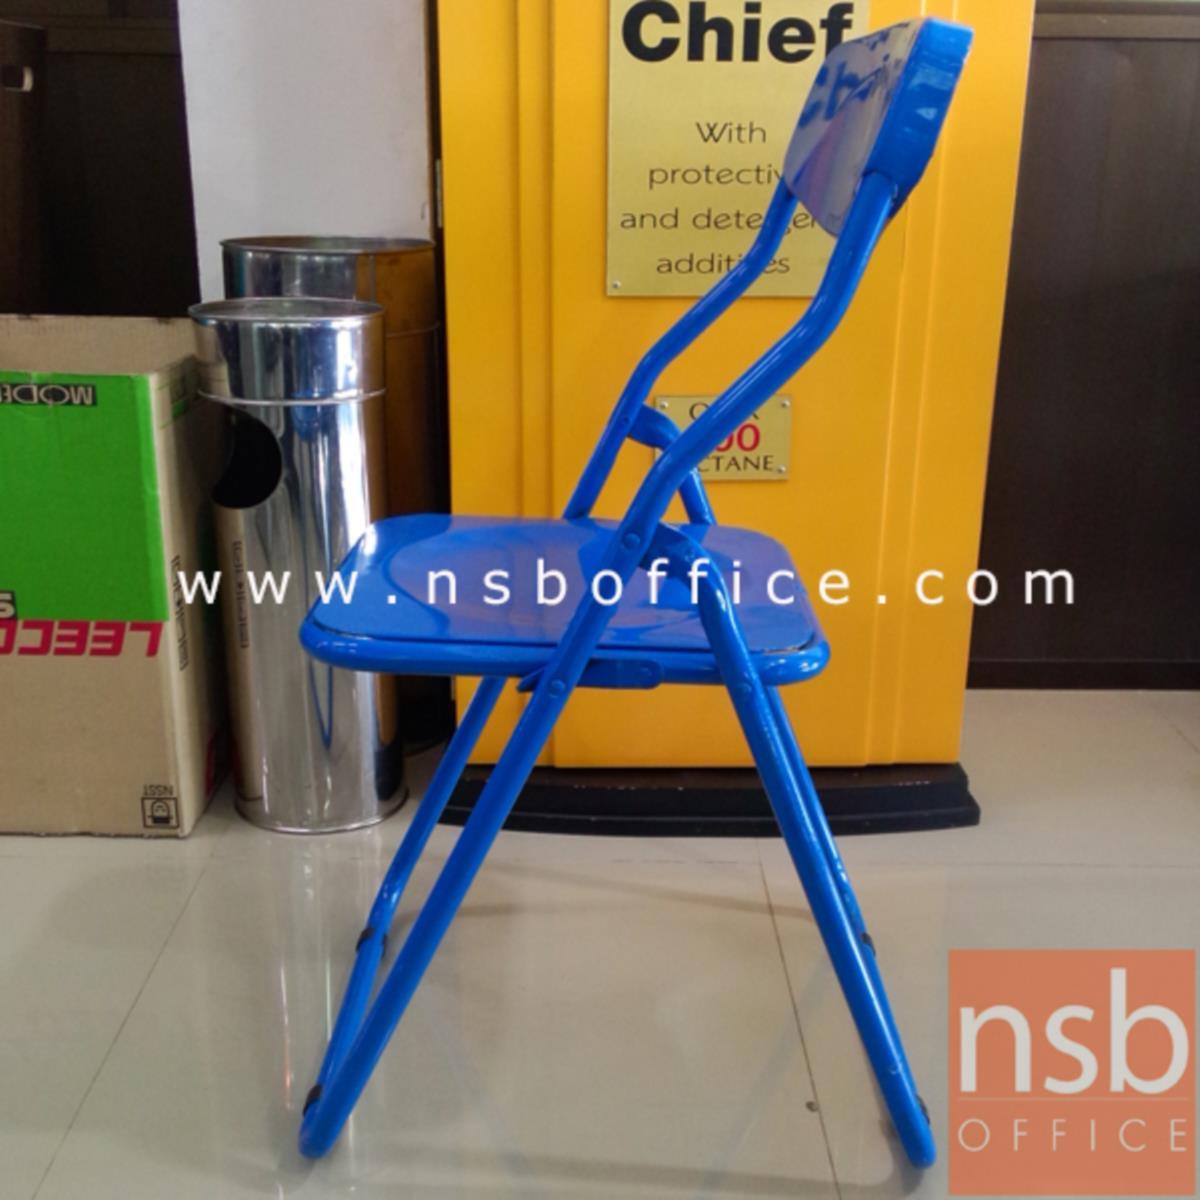 เก้าอี้พับที่นั่งเหล็ก รุ่น COKE (สีเดียว) ขาเหล็ก (บรรจุกล่องละ 4 ตัว)